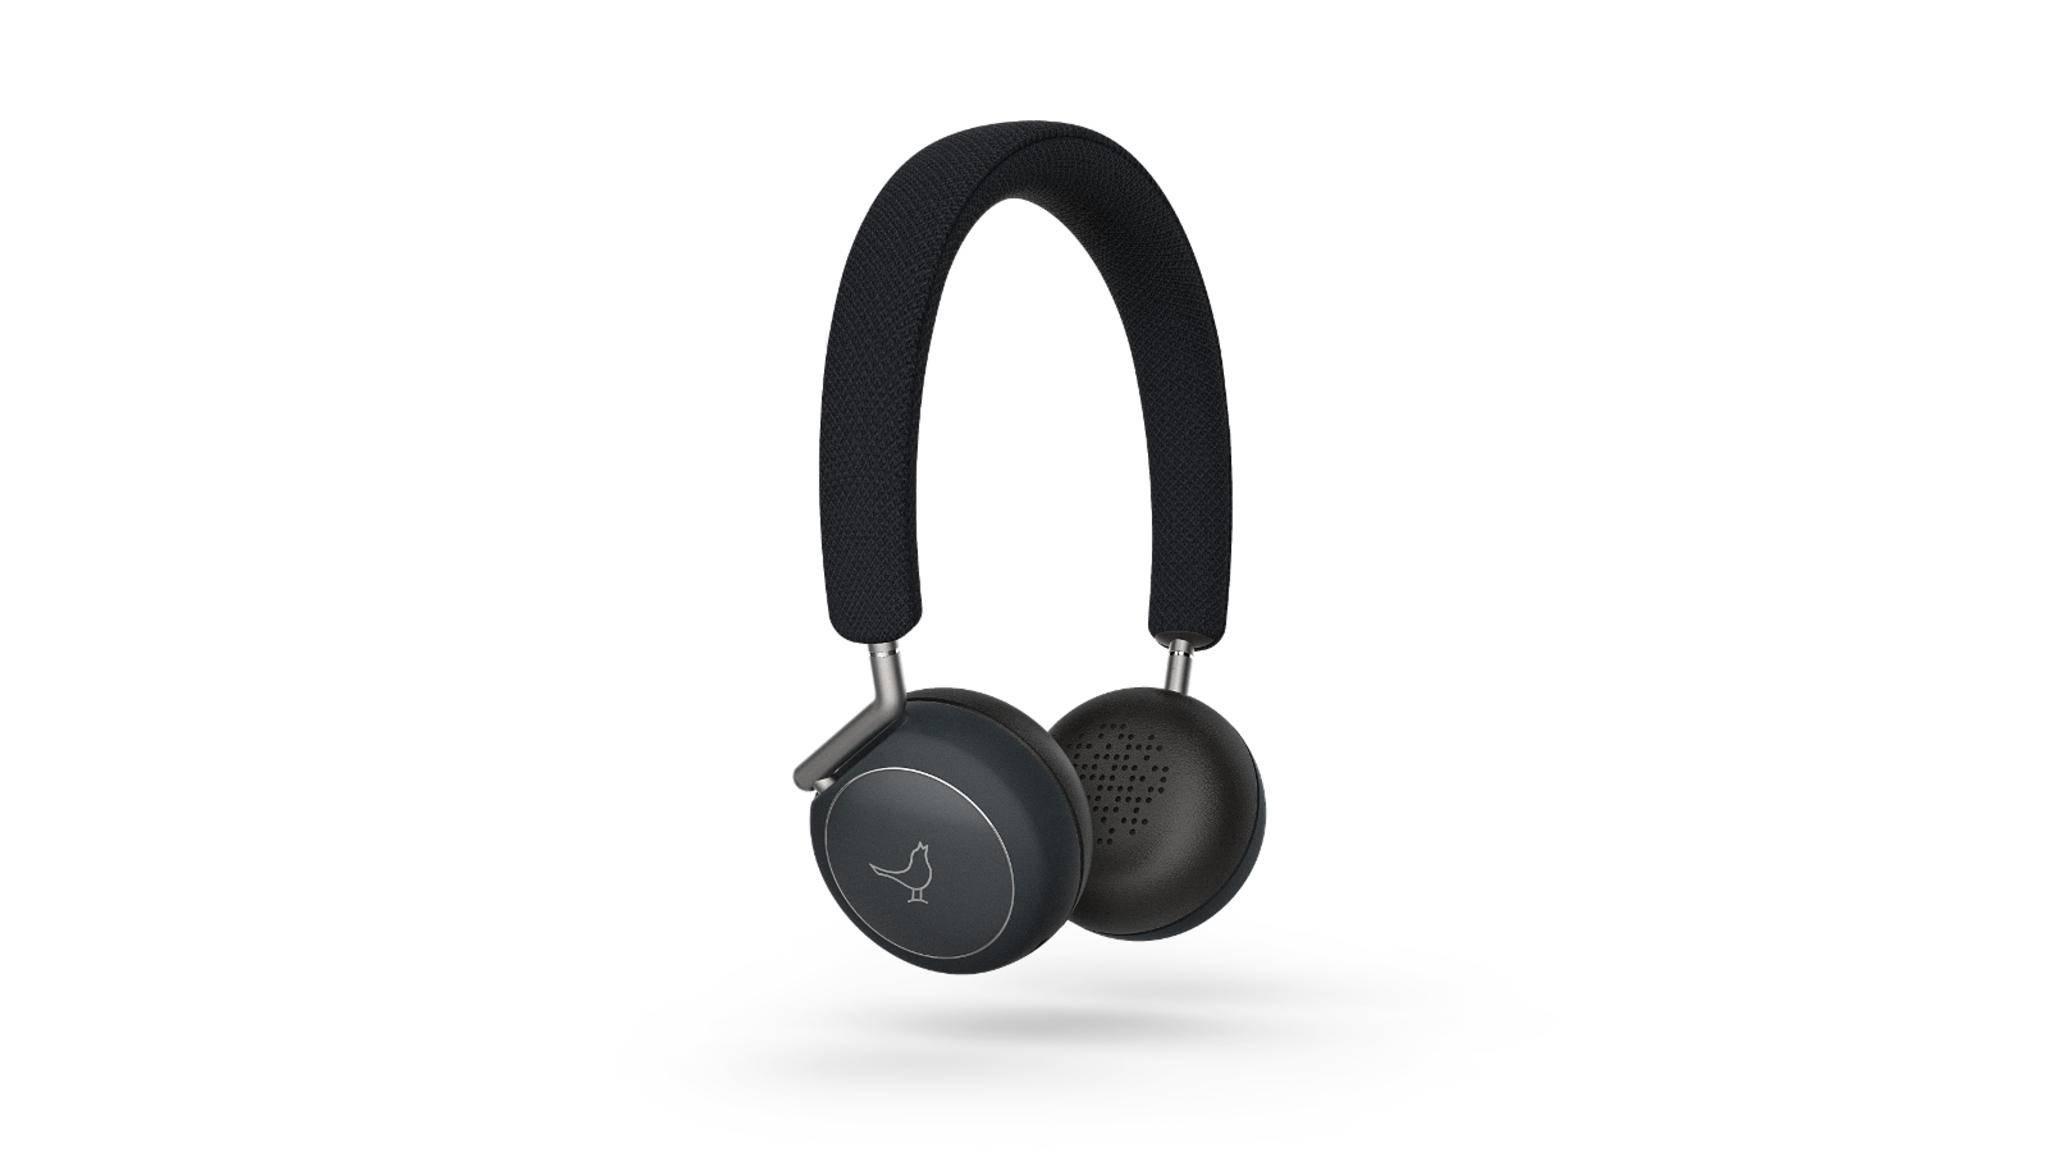 Mit dem Q Adapt liefert Libratone einen Kopfhörer mit einstellbarer Geräuschunterdrückung.